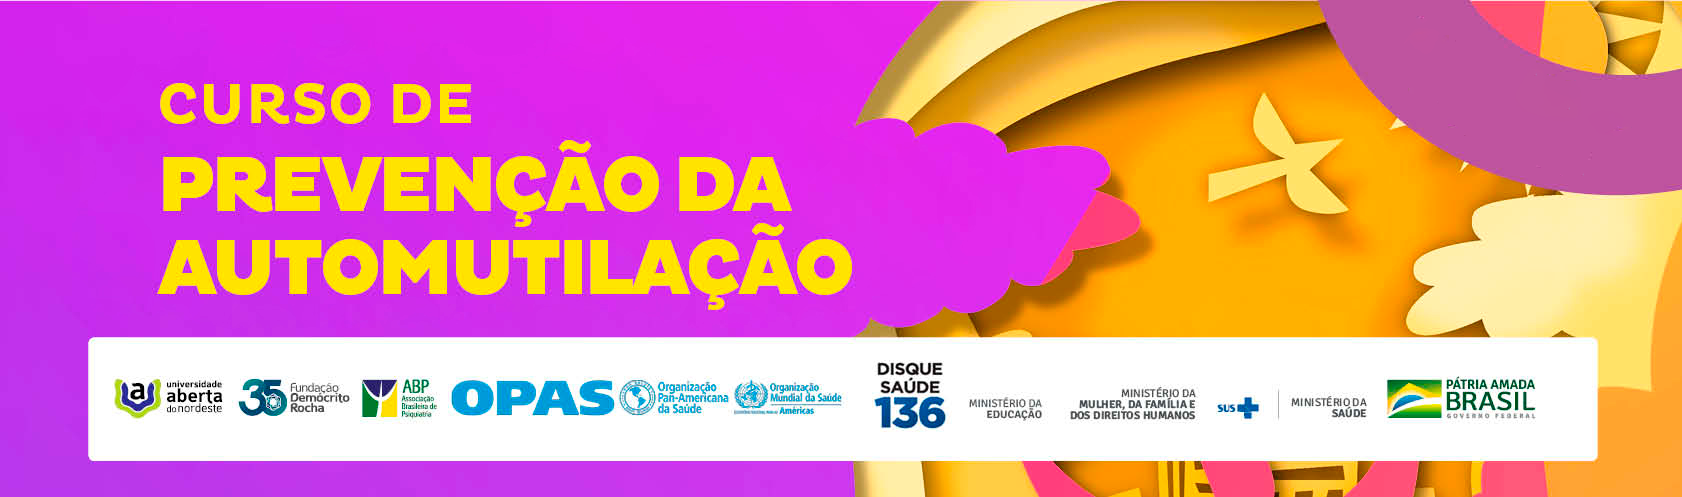 Course Image PREVENÇÃO DA AUTOMUTILAÇÃO - 2020.2